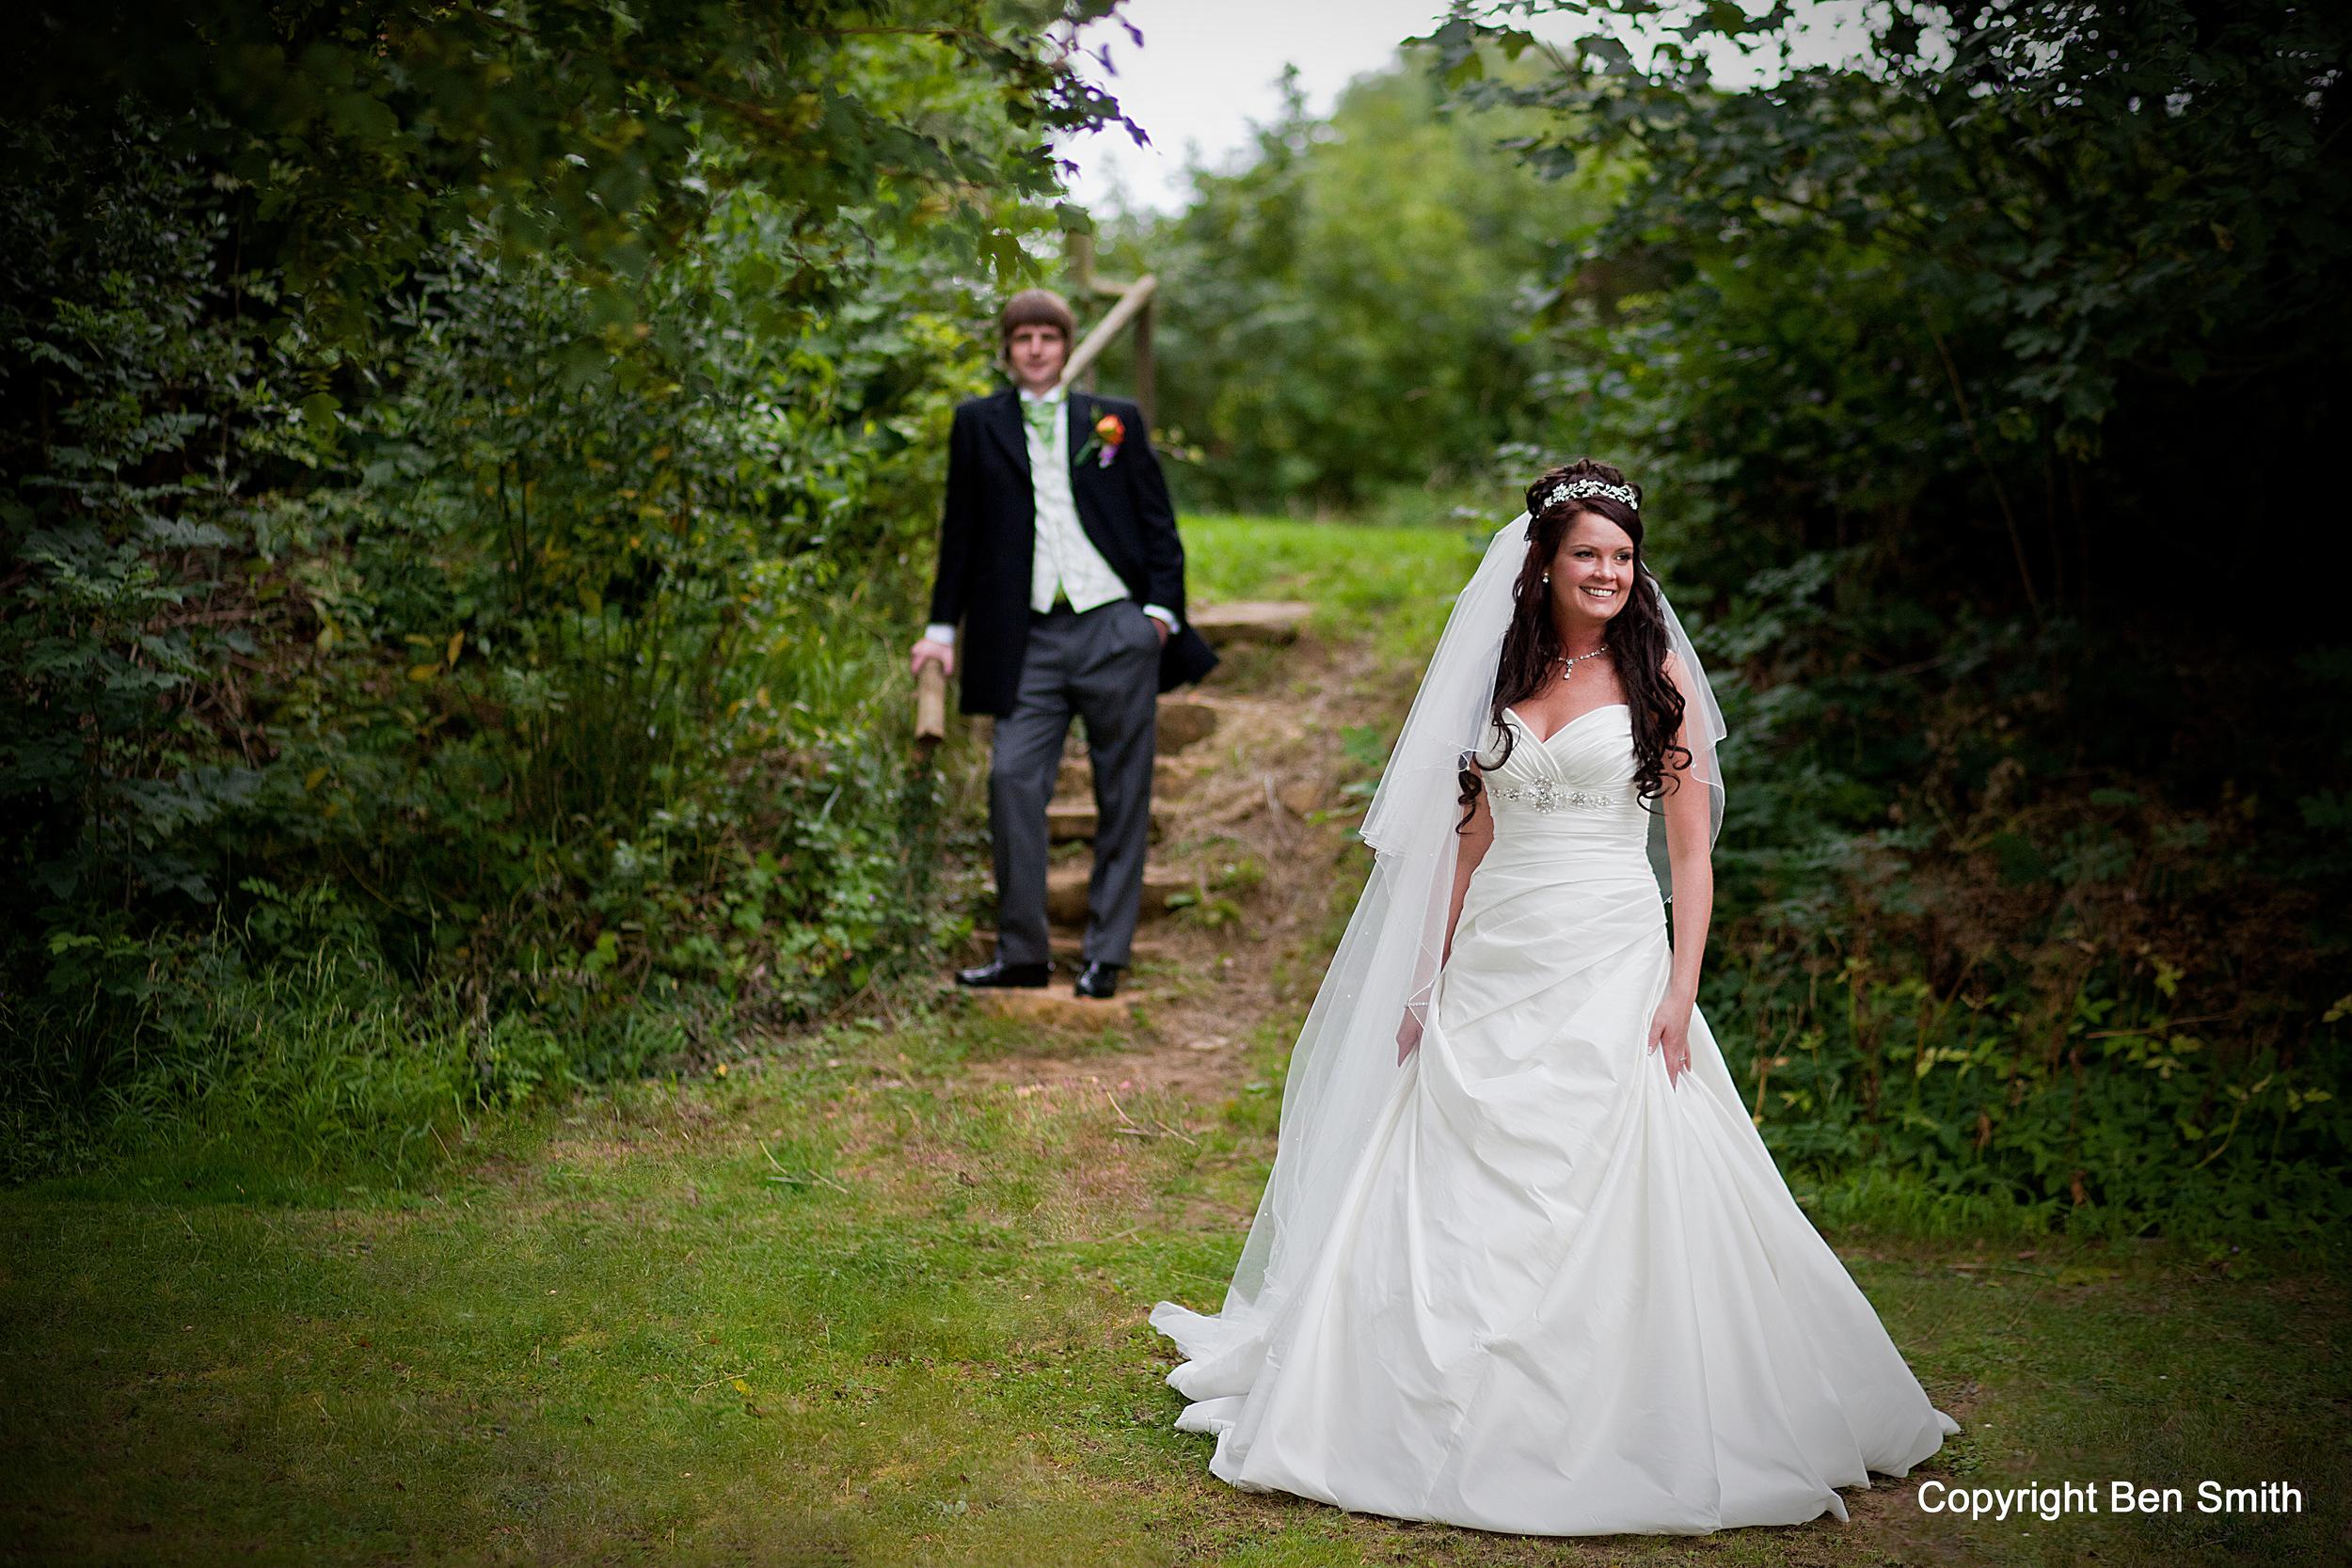 Wedding%2520%25281%2529.JPG